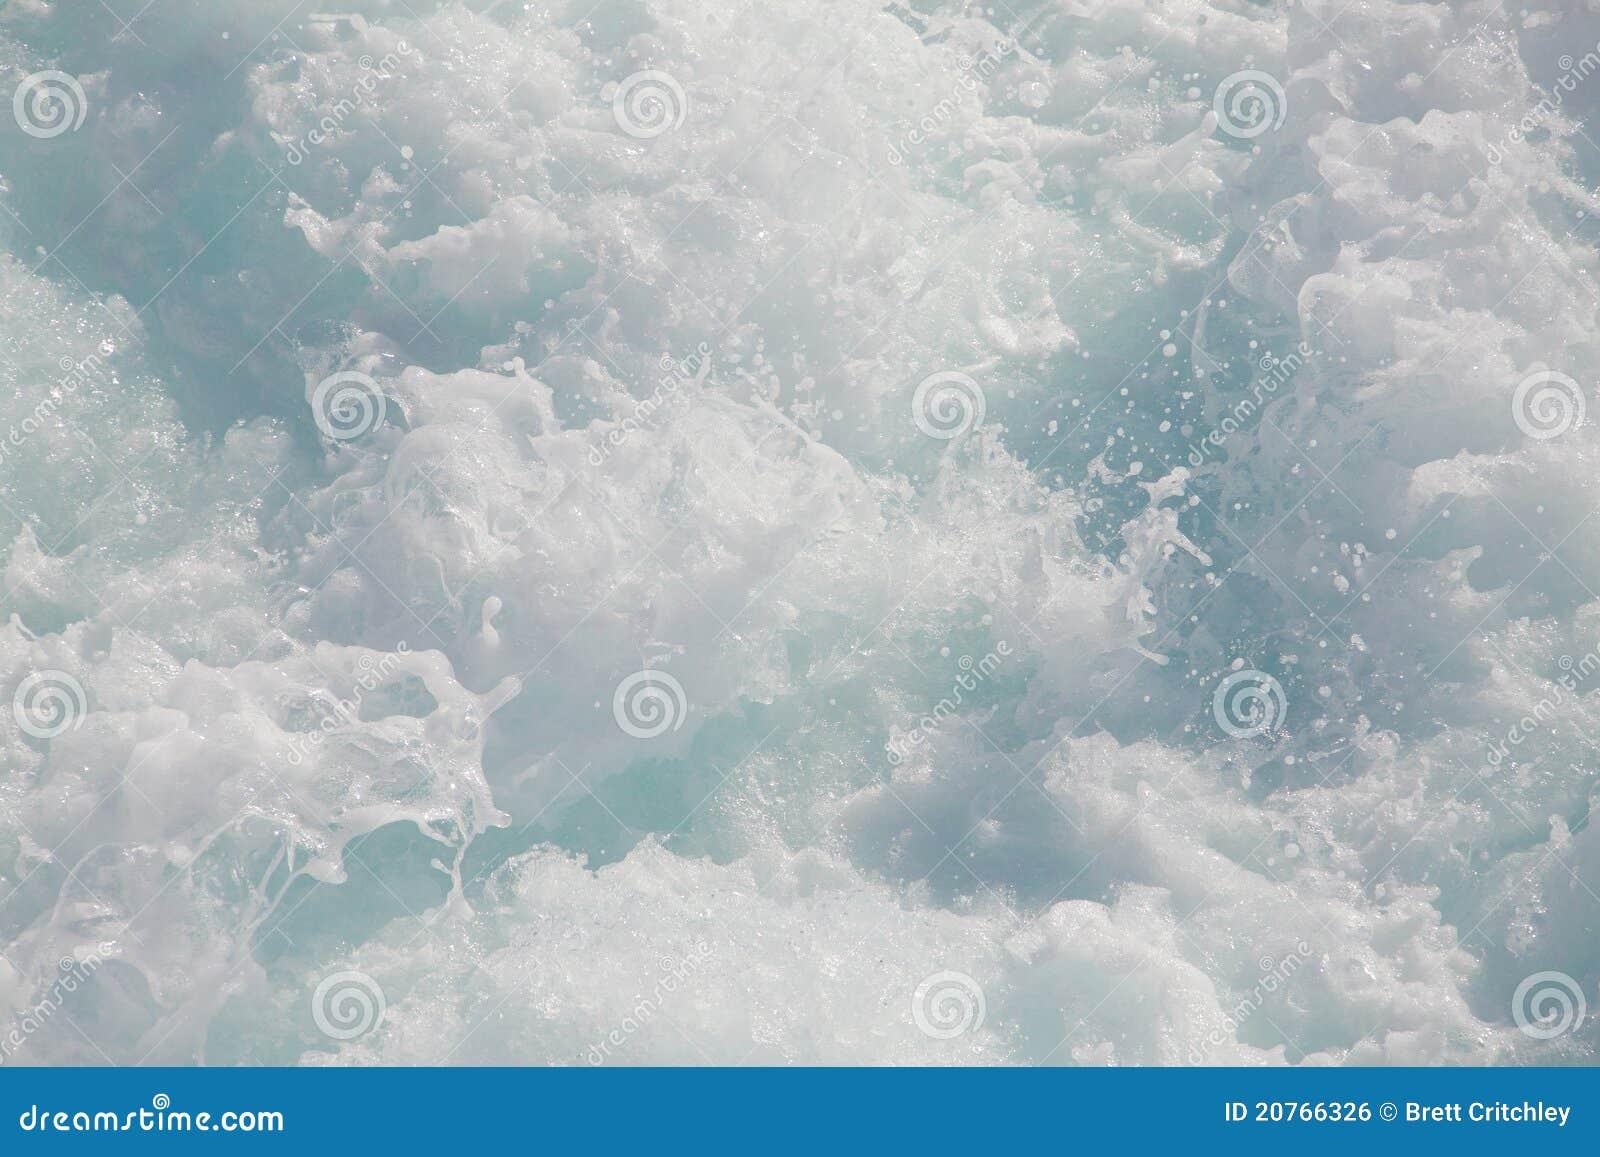 飞溅水的背景